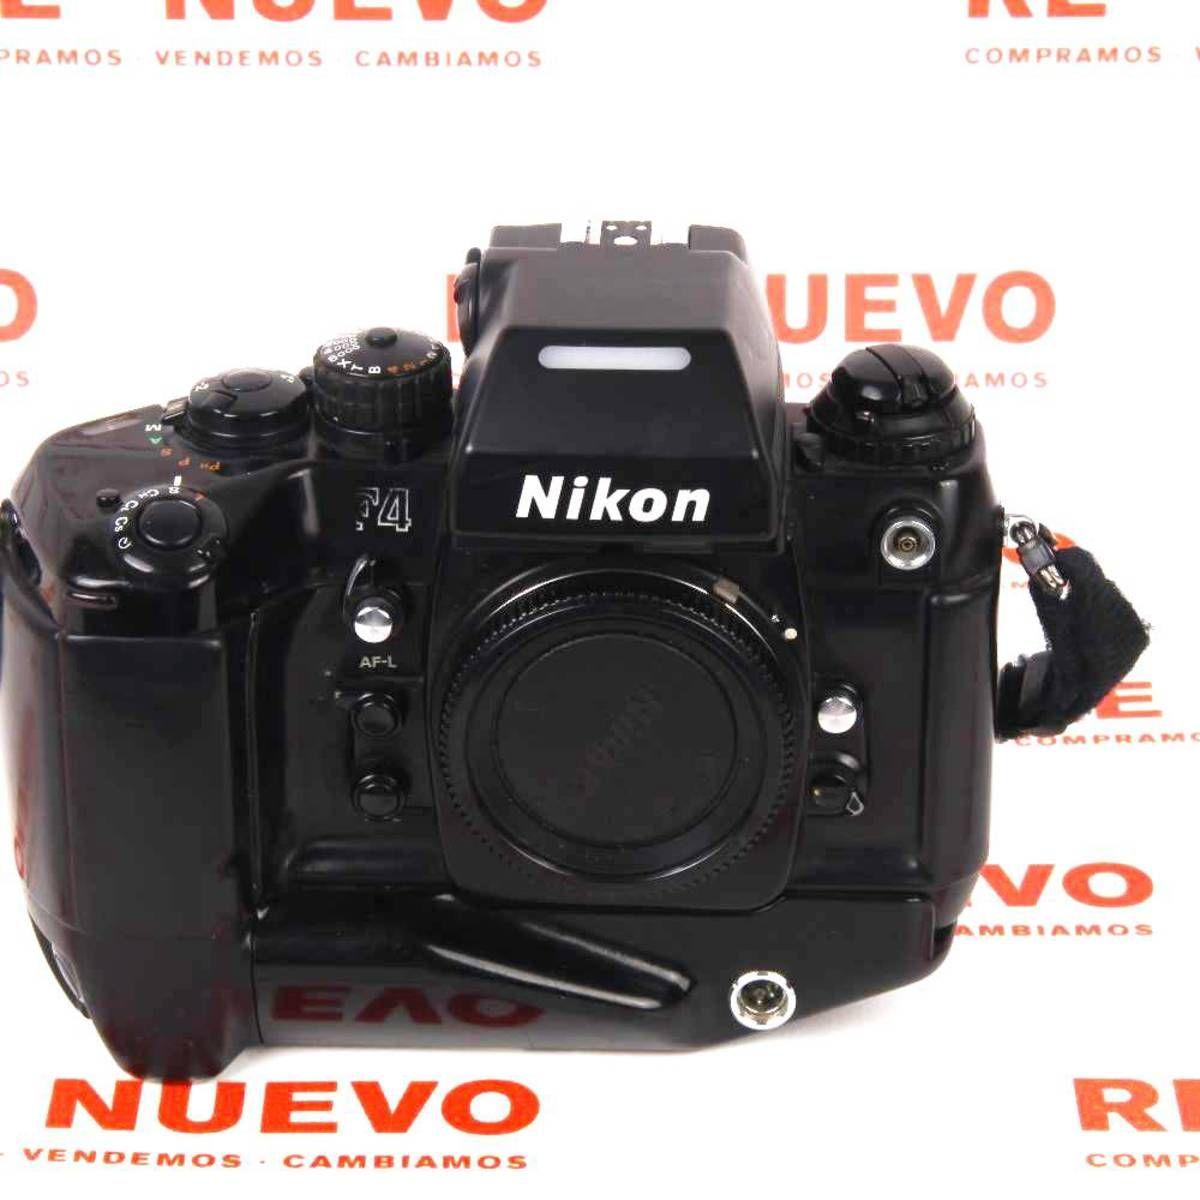 Cámara Réflex Analógica Nikon F4 Con Grip Mb21 E269022 De Segunda Mano Reflex Nikon F4 Segundamano Nikon Camara Reflex Tienda De Segunda Mano